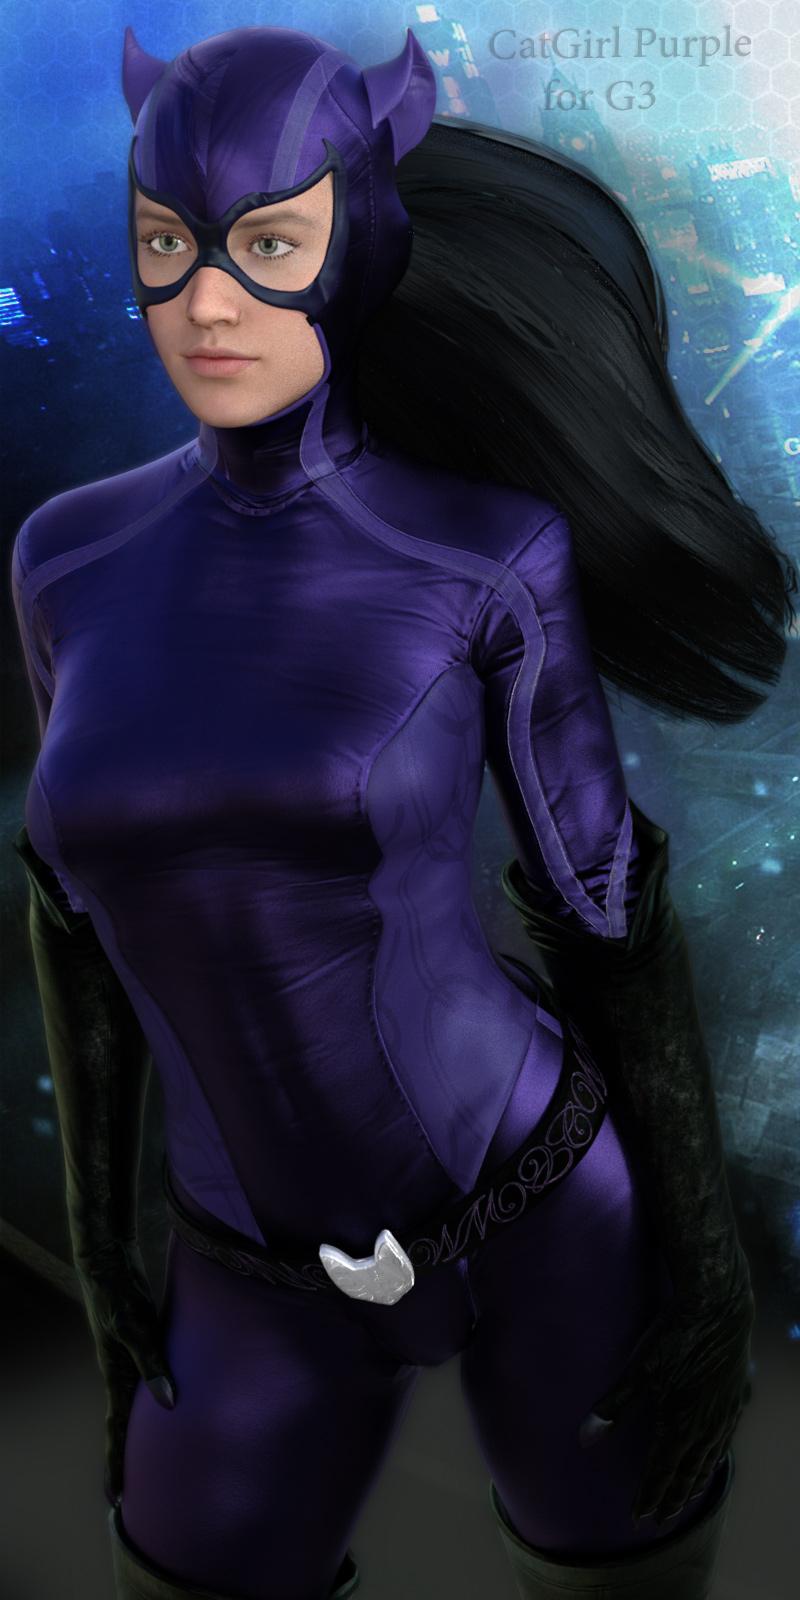 CatGirl Purple for G3